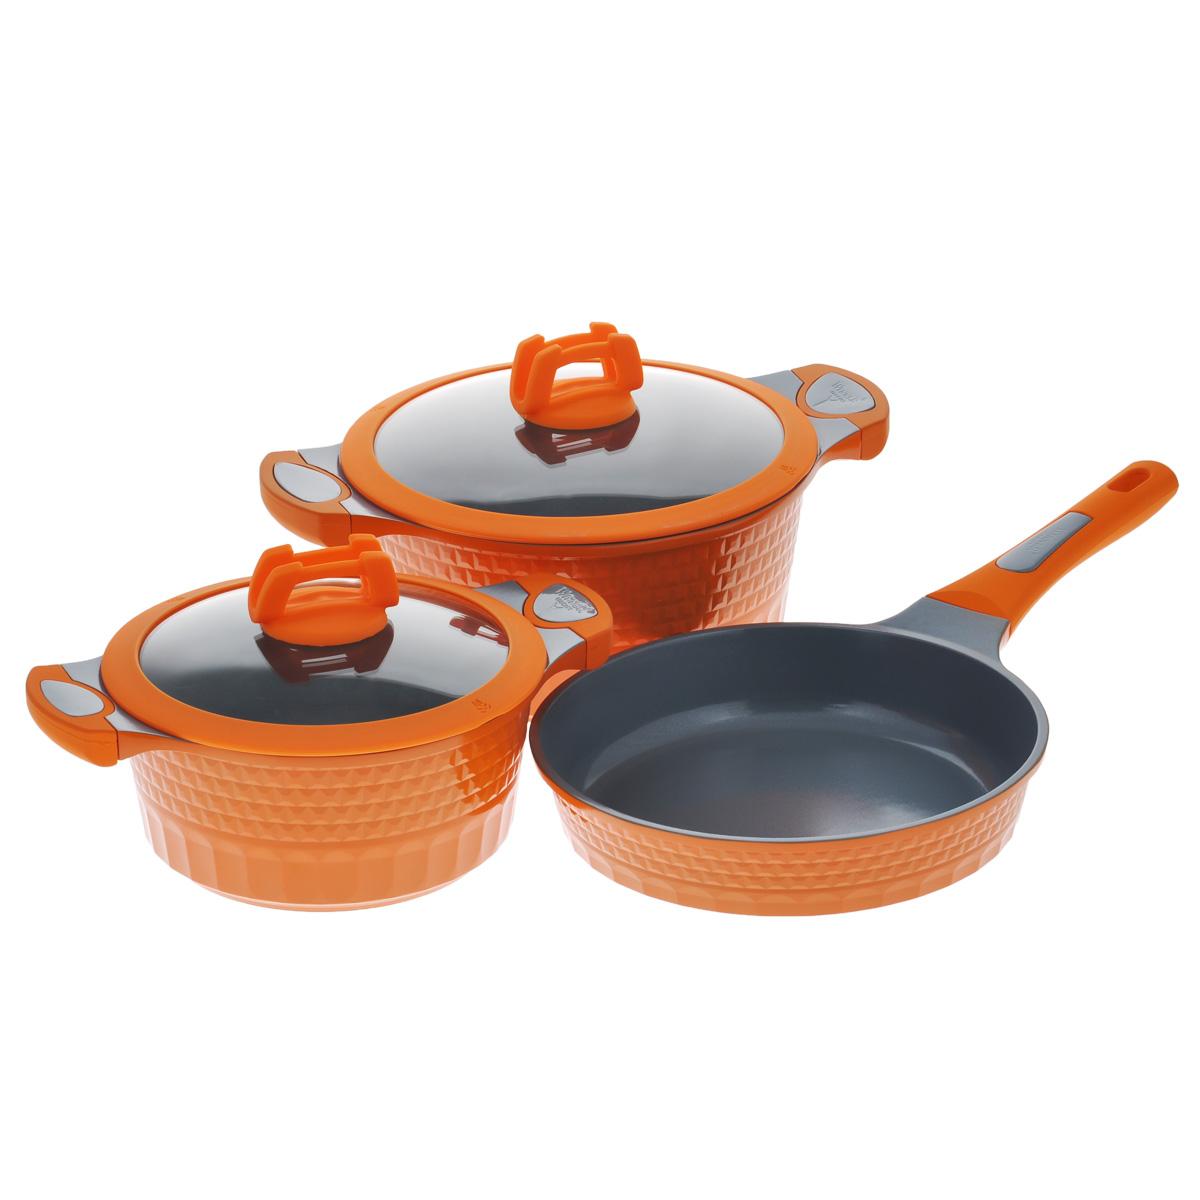 Набор посуды Winner, с керамическим покрытием, цвет: оранжевый, 5 предметов. WR-1302FS-91909В набор посуды Winner входят 2 кастрюли с крышками и сковорода. Предметы набора выполнены из высококачественного литого алюминия с антипригарным керамическим нанопокрытием Cerock. Посуда с нанопокрытием обладает высокой прочностью, жаро-, износо-, коррозийной стойкостью, химической инертностью. При нагревании до высоких температур не выделяет и не впитывает в себя вредных для человека химических соединений. Нанопокрытие гарантирует быстрый и равномерный нагрев посуды и существенную экономию электроэнергии. Данная технология позволяет исключить деформацию корпуса при частом и длительном использовании посуды. Внешние стенки посуды рифленые, что придает набору особо эстетичный внешний вид. Внешнее покрытие цветное жаростойкое силиконовое. Предметы набора оснащены удобными бакелитовыми ручками с силиконовым покрытием. Крышки, выполненные из термостойкого стекла с силиконовым ободком и пароотводом, позволят вам следить за процессом приготовления пищи. Крышки плотно прилегают к краям посуды, предотвращая проливание жидкости и сохраняя аромат блюд. Подходит для газовых, электрических и индукционных плит. Можно использовать в посудомоечной машине.Набор посуды Winner - идеальный подарок для современных хозяек, которые следят за своим здоровьем и здоровьем своей семьи. Эргономичный дизайн и функциональность набора позволят вам наслаждаться процессом приготовления любимых, полезных для здоровья блюд. Объем кастрюль: 2,4 л; 4,2 л. Внешний диаметр: 21,1 см; 25,3 см. Внутренний диаметр: 20 см; 24 см. Ширина кастрюль с учетом ручек: 29,2 см; 34,5 см.Диаметр крышек: 21 см; 25 см.Высота стенок: 9,5 см; 11,7 см.Толщина стенки: 2,3 мм.Толщина дна: 4 мм.Диаметр дна: 16 см; 19,5 см.Внешний диаметр сковороды: 25 см. Внутренний диаметр сковороды: 24 см. Высота стенок: 5,5 см. Толщина стенки: 2,3 мм.Толщина дна: 5 мм.Длина ручки: 20,5 см. Диаметр дна сковороды: 19,5 см.